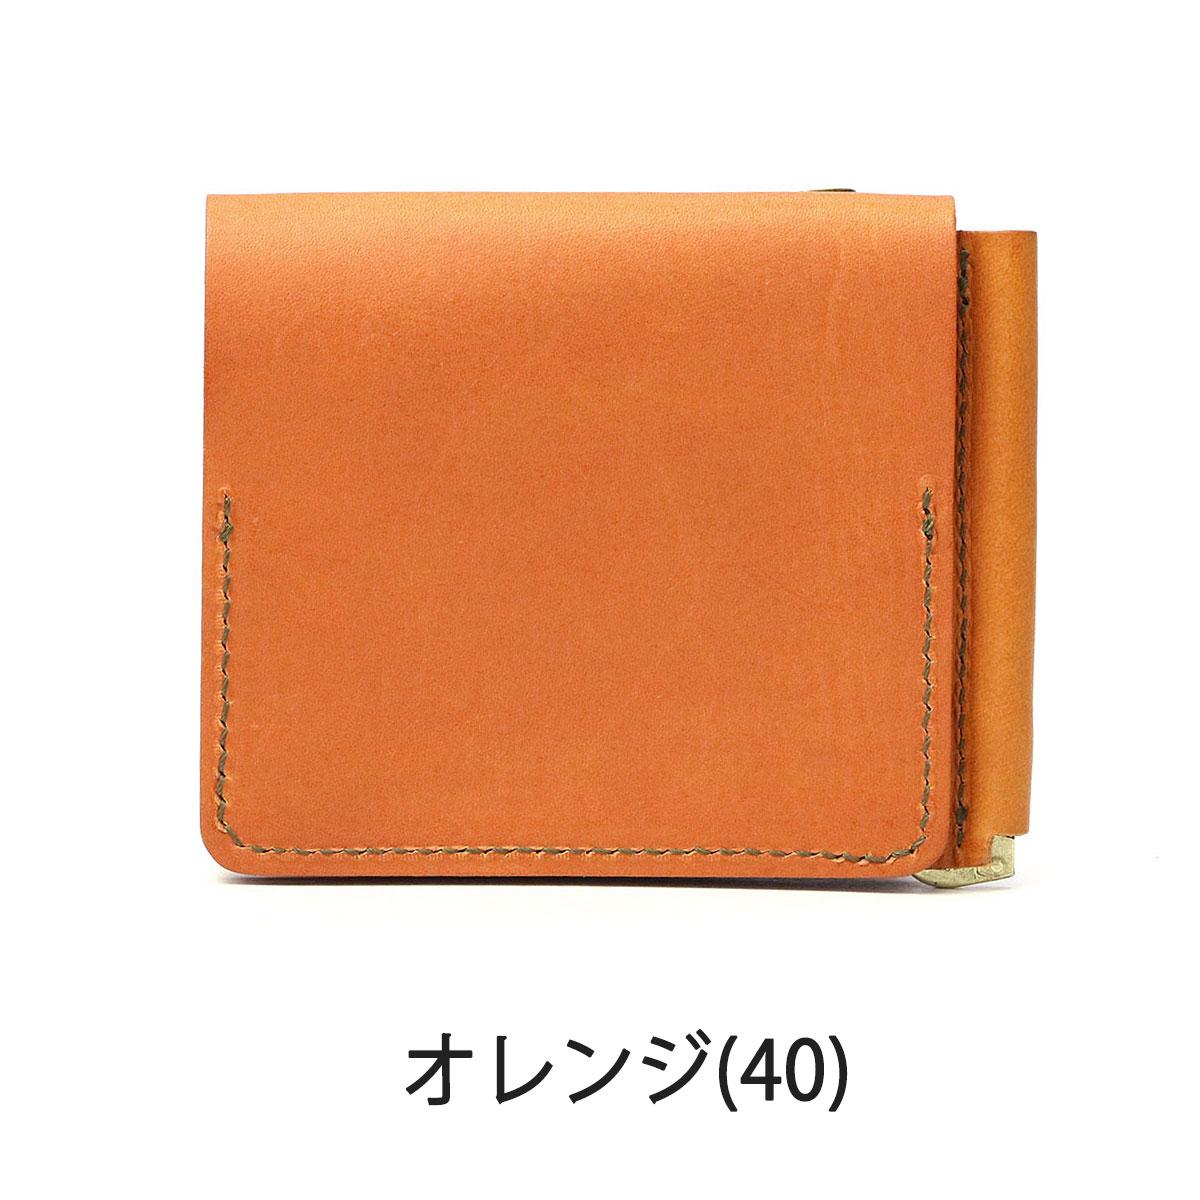 SLOW wallet toscana ladies 333S34C